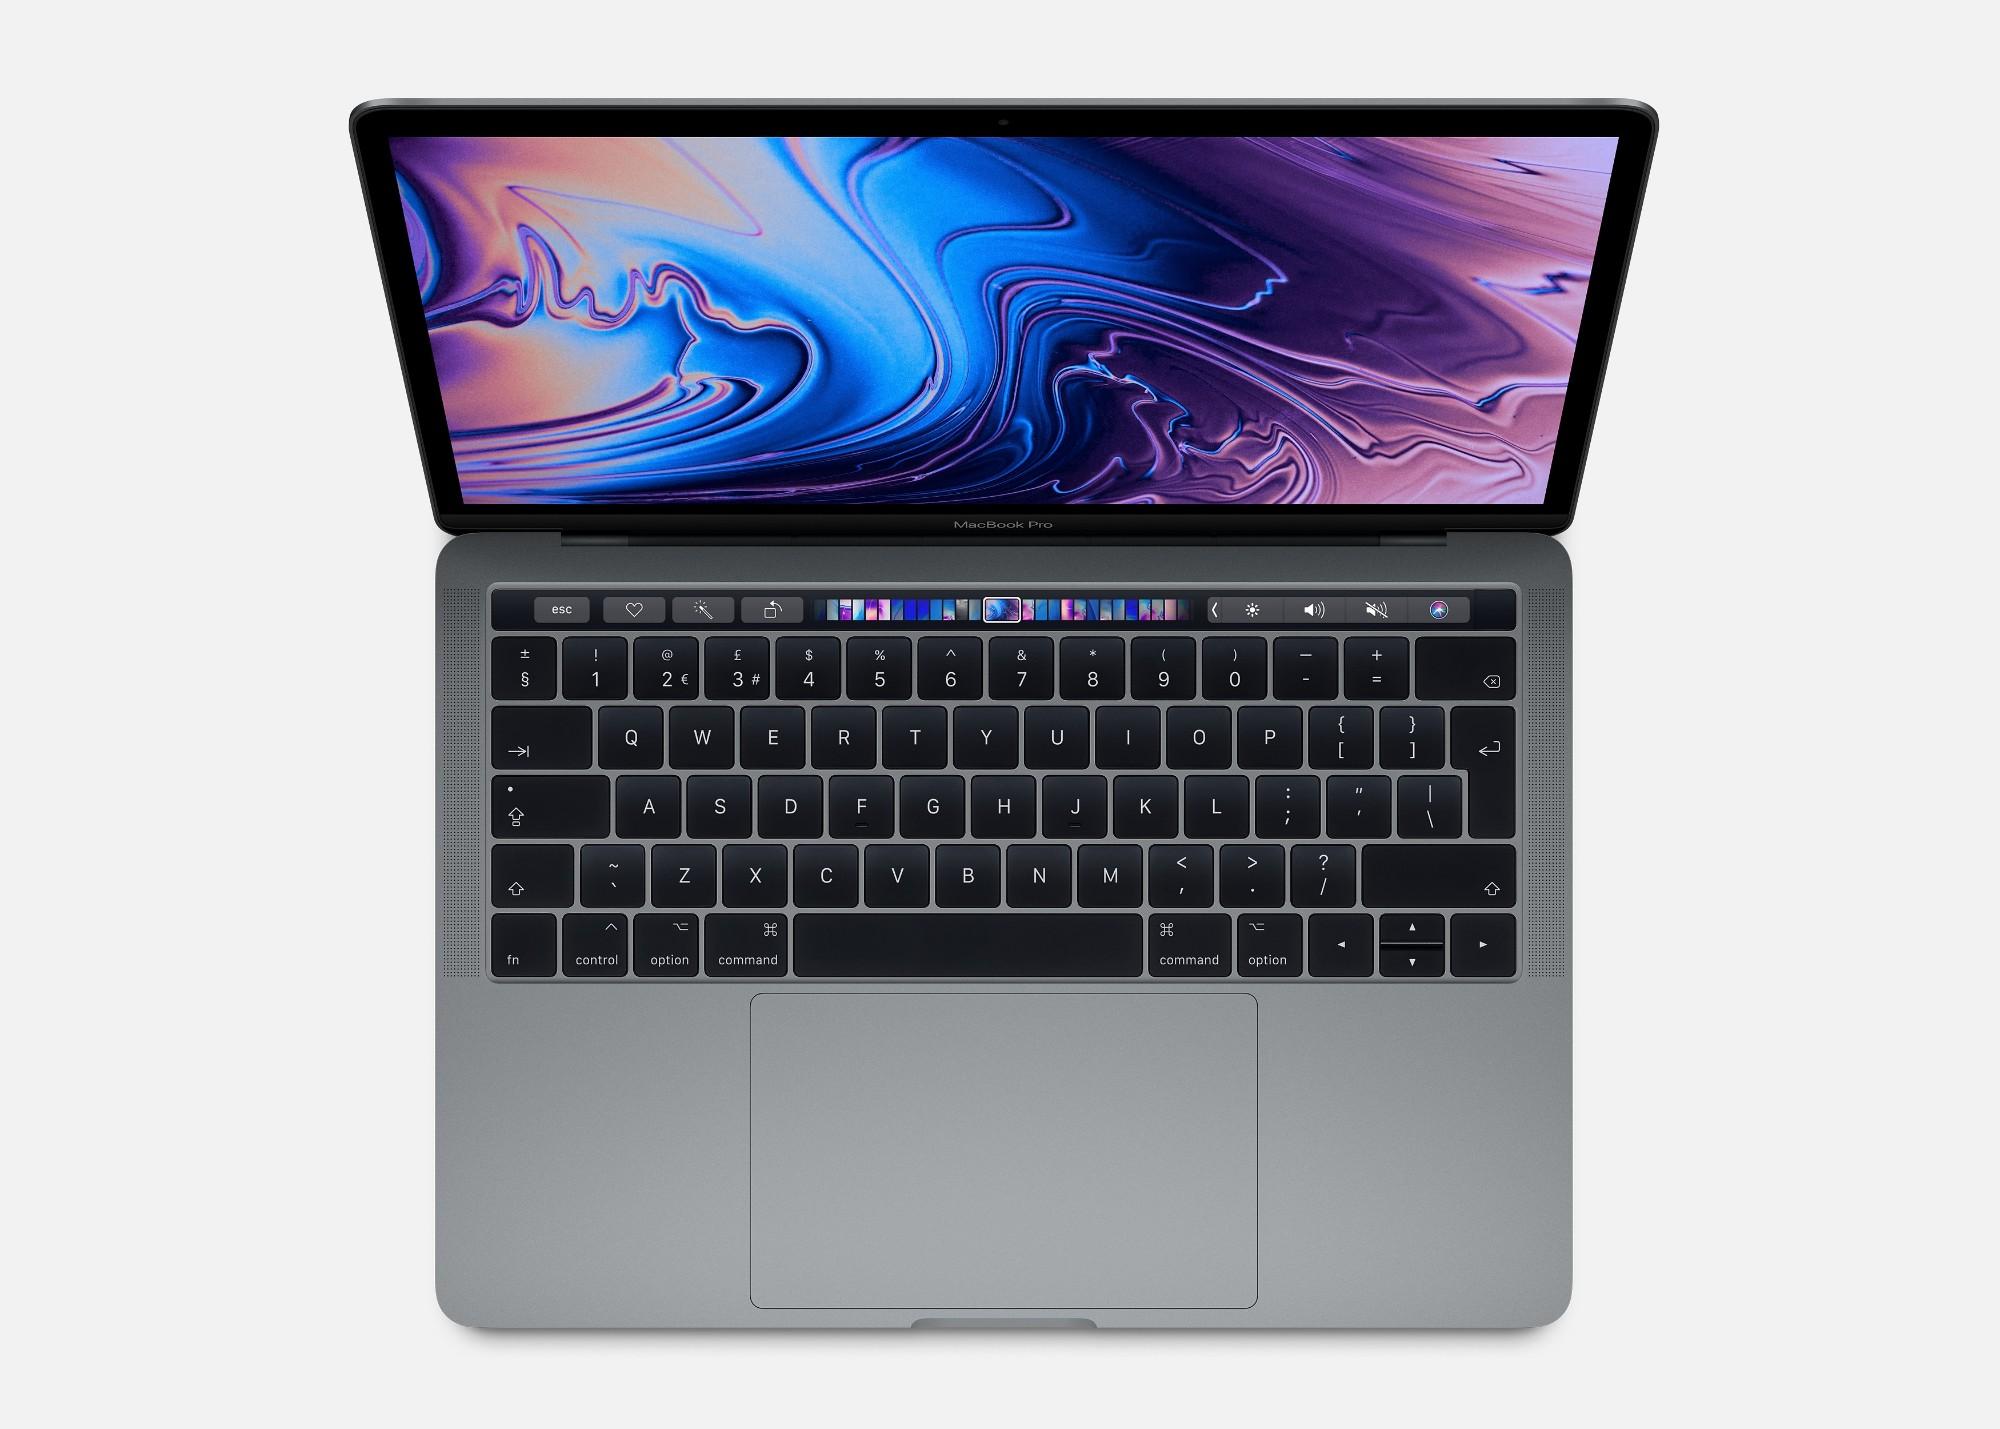 MacBook Pro Qci5 8gen 2.4gh TB 512GB 8GB 13in Ios Space Grey    In